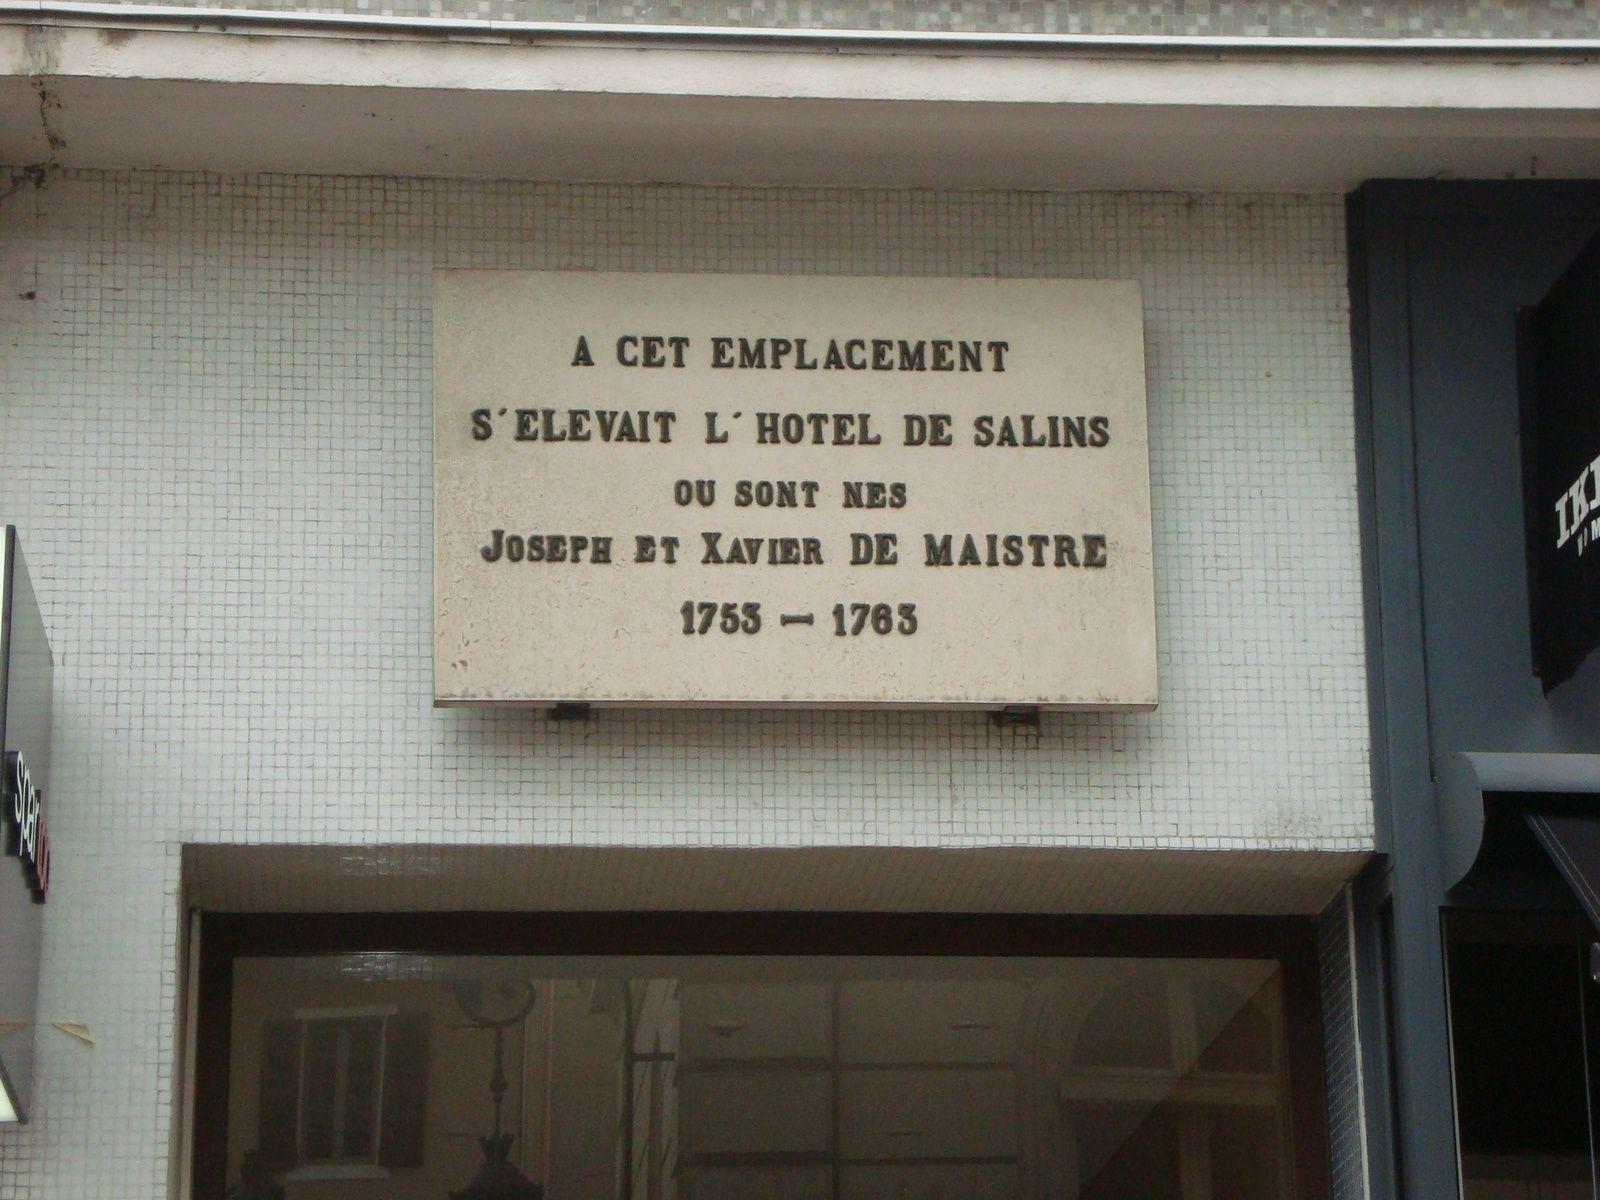 Les frères de Mestre à Chambéry, photos J.D. 24 mars 2017